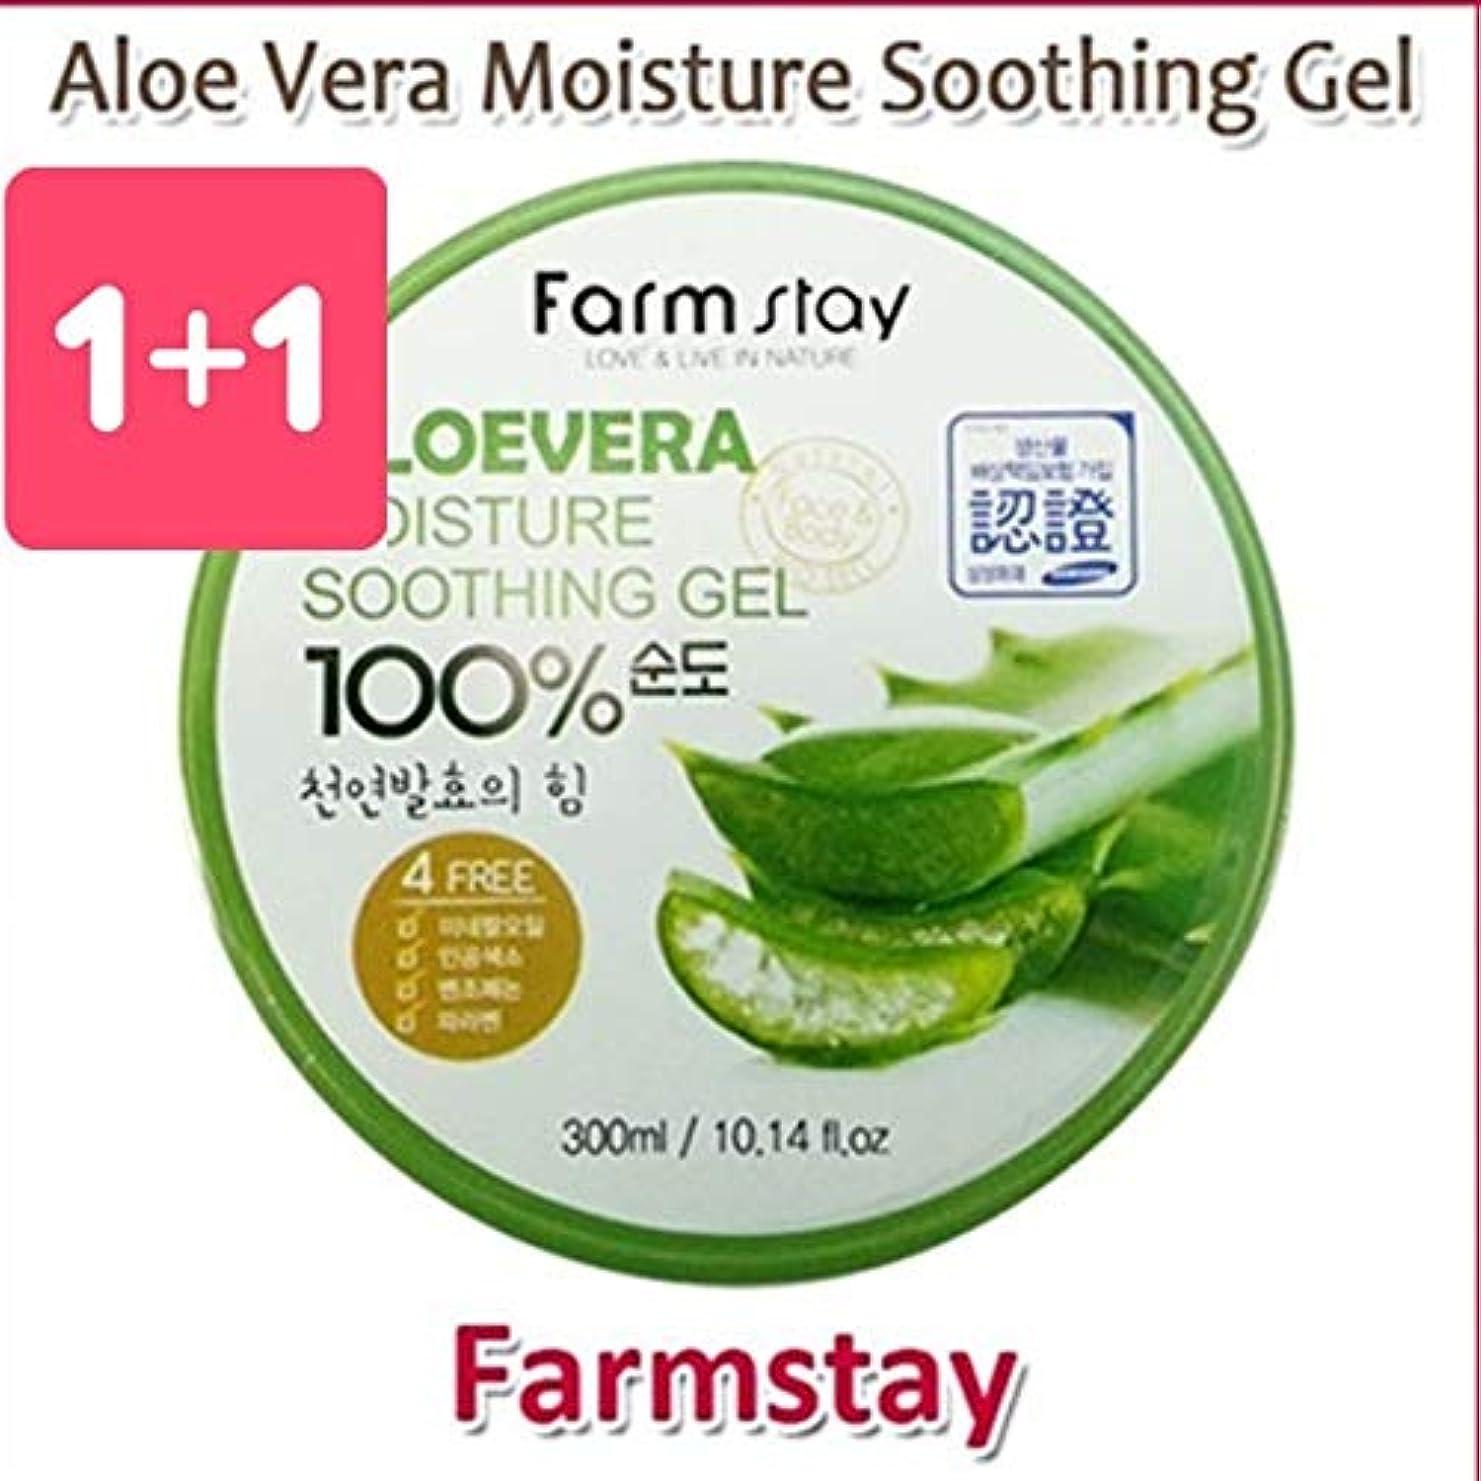 ファイアル永遠にマエストロFarm Stay Aloe Vera Moisture Soothing Gel 300ml 1+1 Big Sale/オーガニック アロエベラゲル 100%/保湿ケア/韓国コスメ/Aloe Vera 100% /Moisturizing...